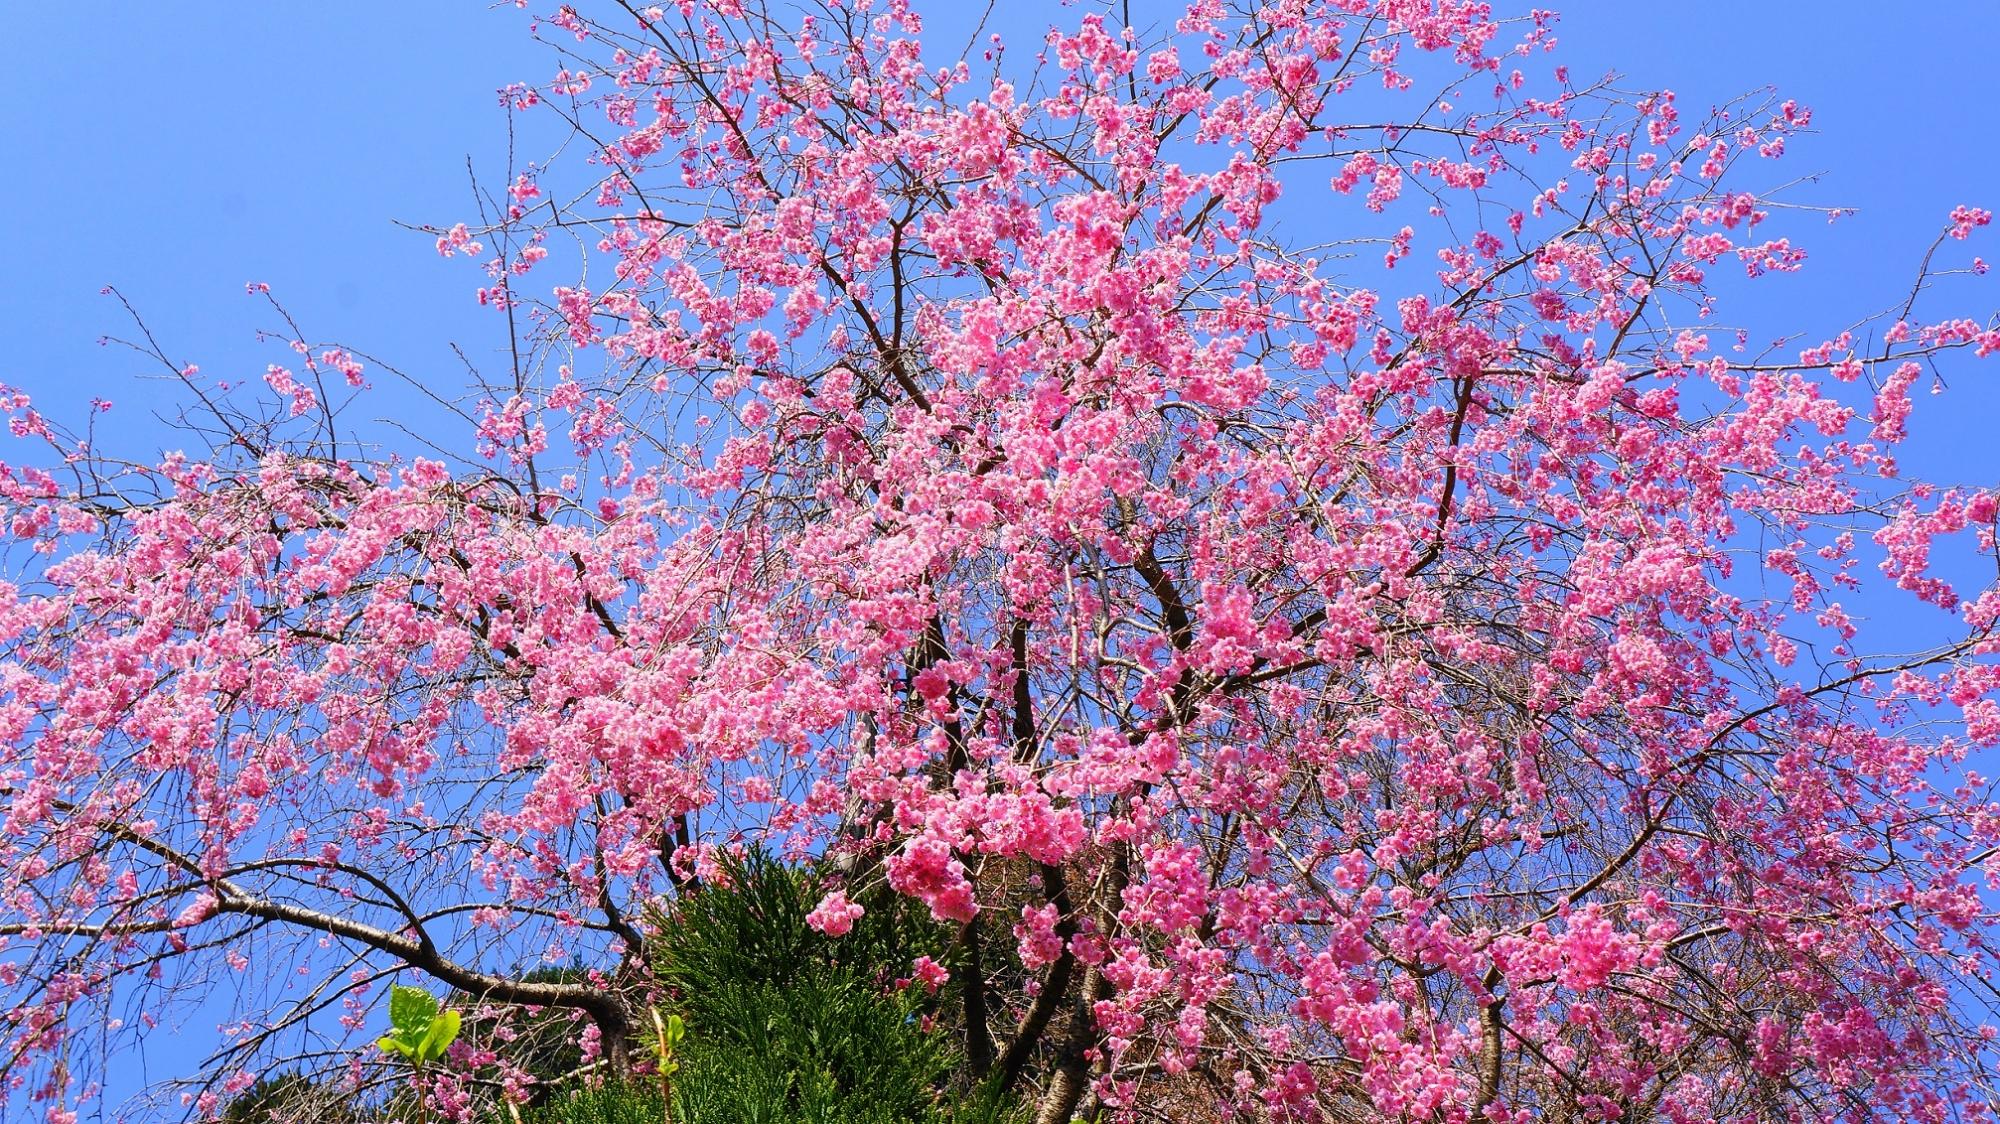 青空に映える鮮やかなピンクの花